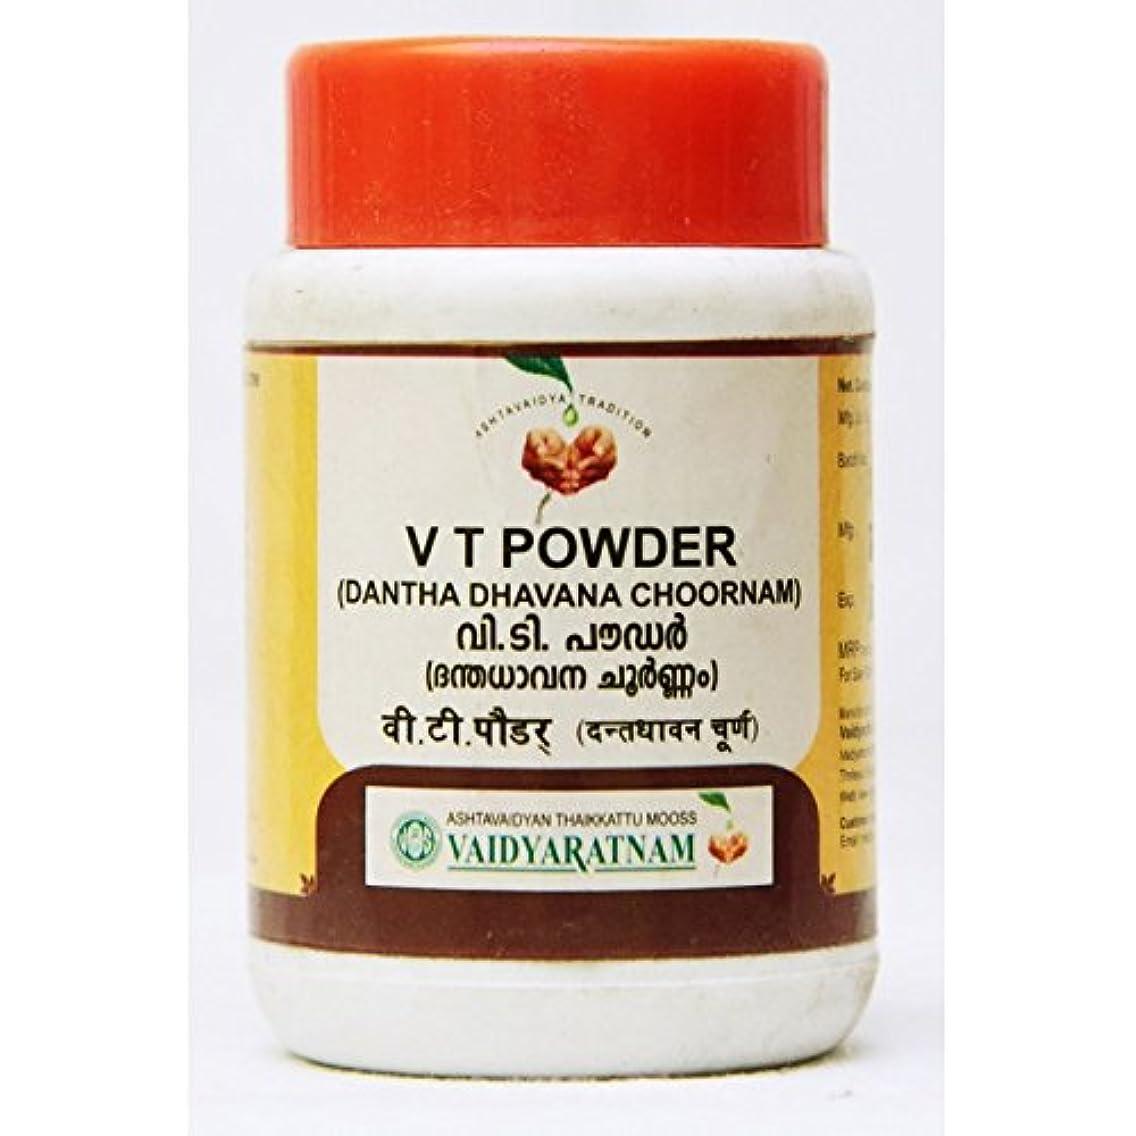 粘り強い抜本的なバーAyurvedic Vaidyaratnam Tooth Powder ( V T Powder )